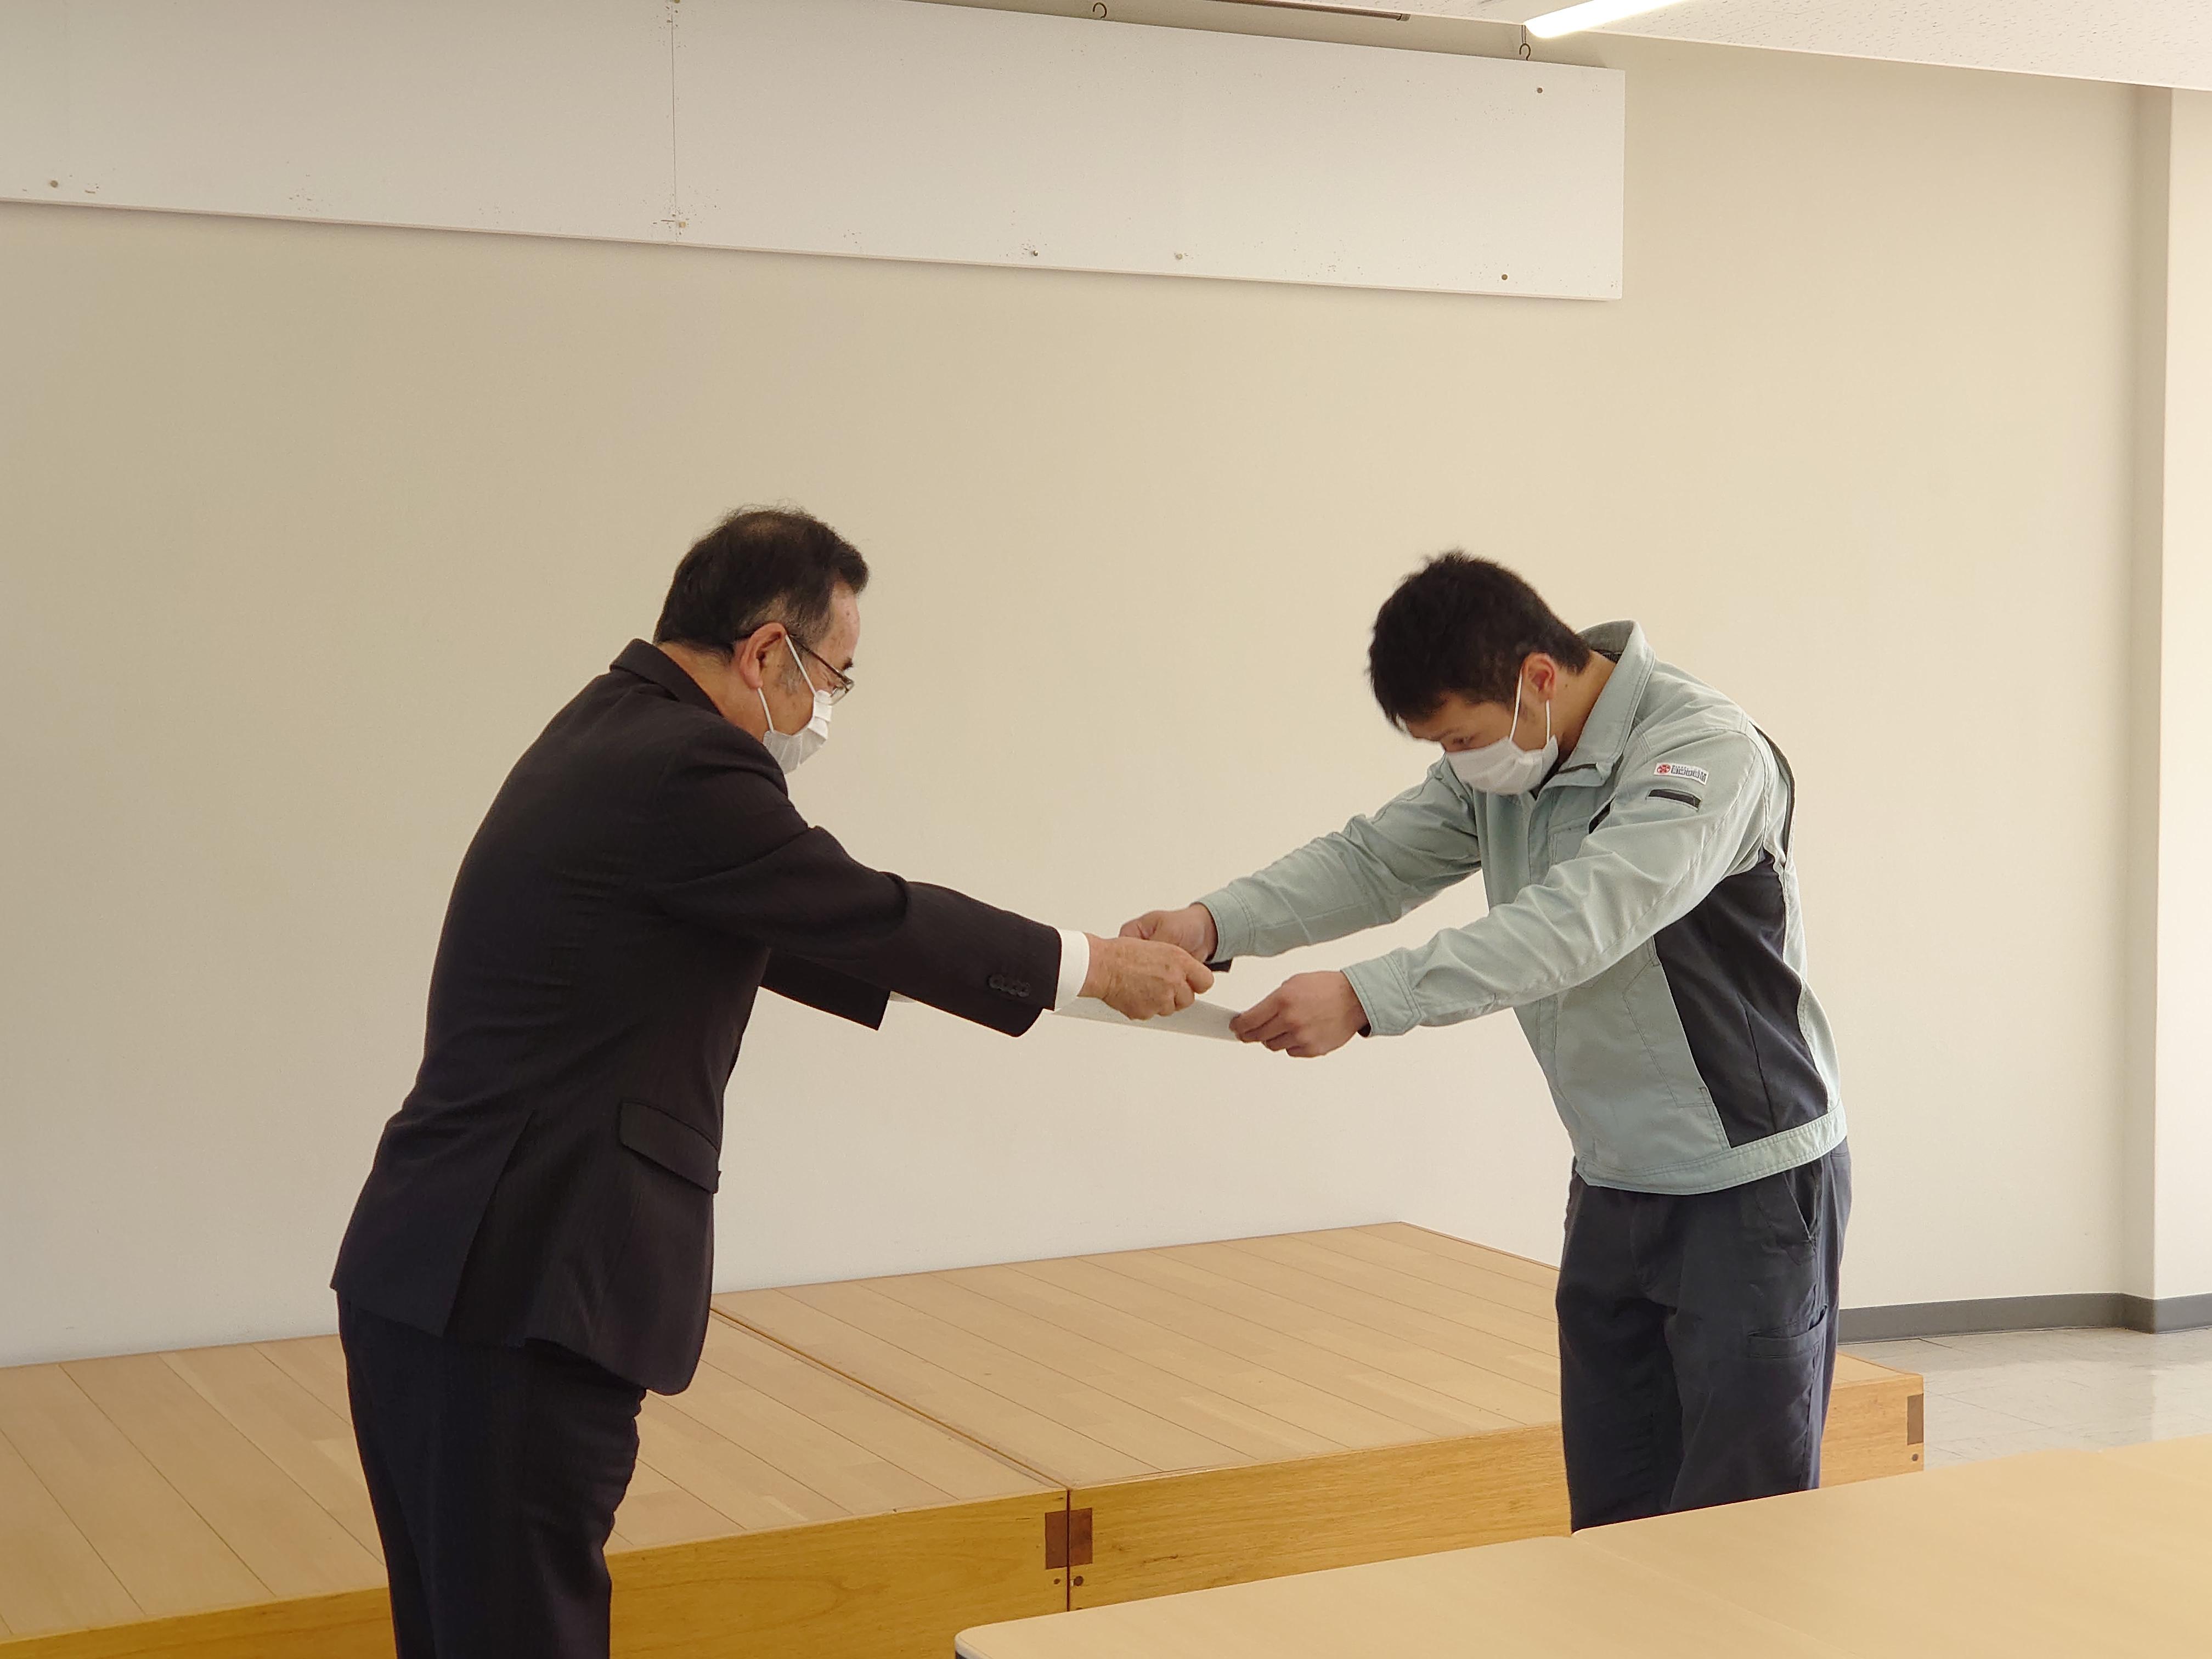 画像:令和2年度新卒者雇用支援奨励金贈呈式を行いました。